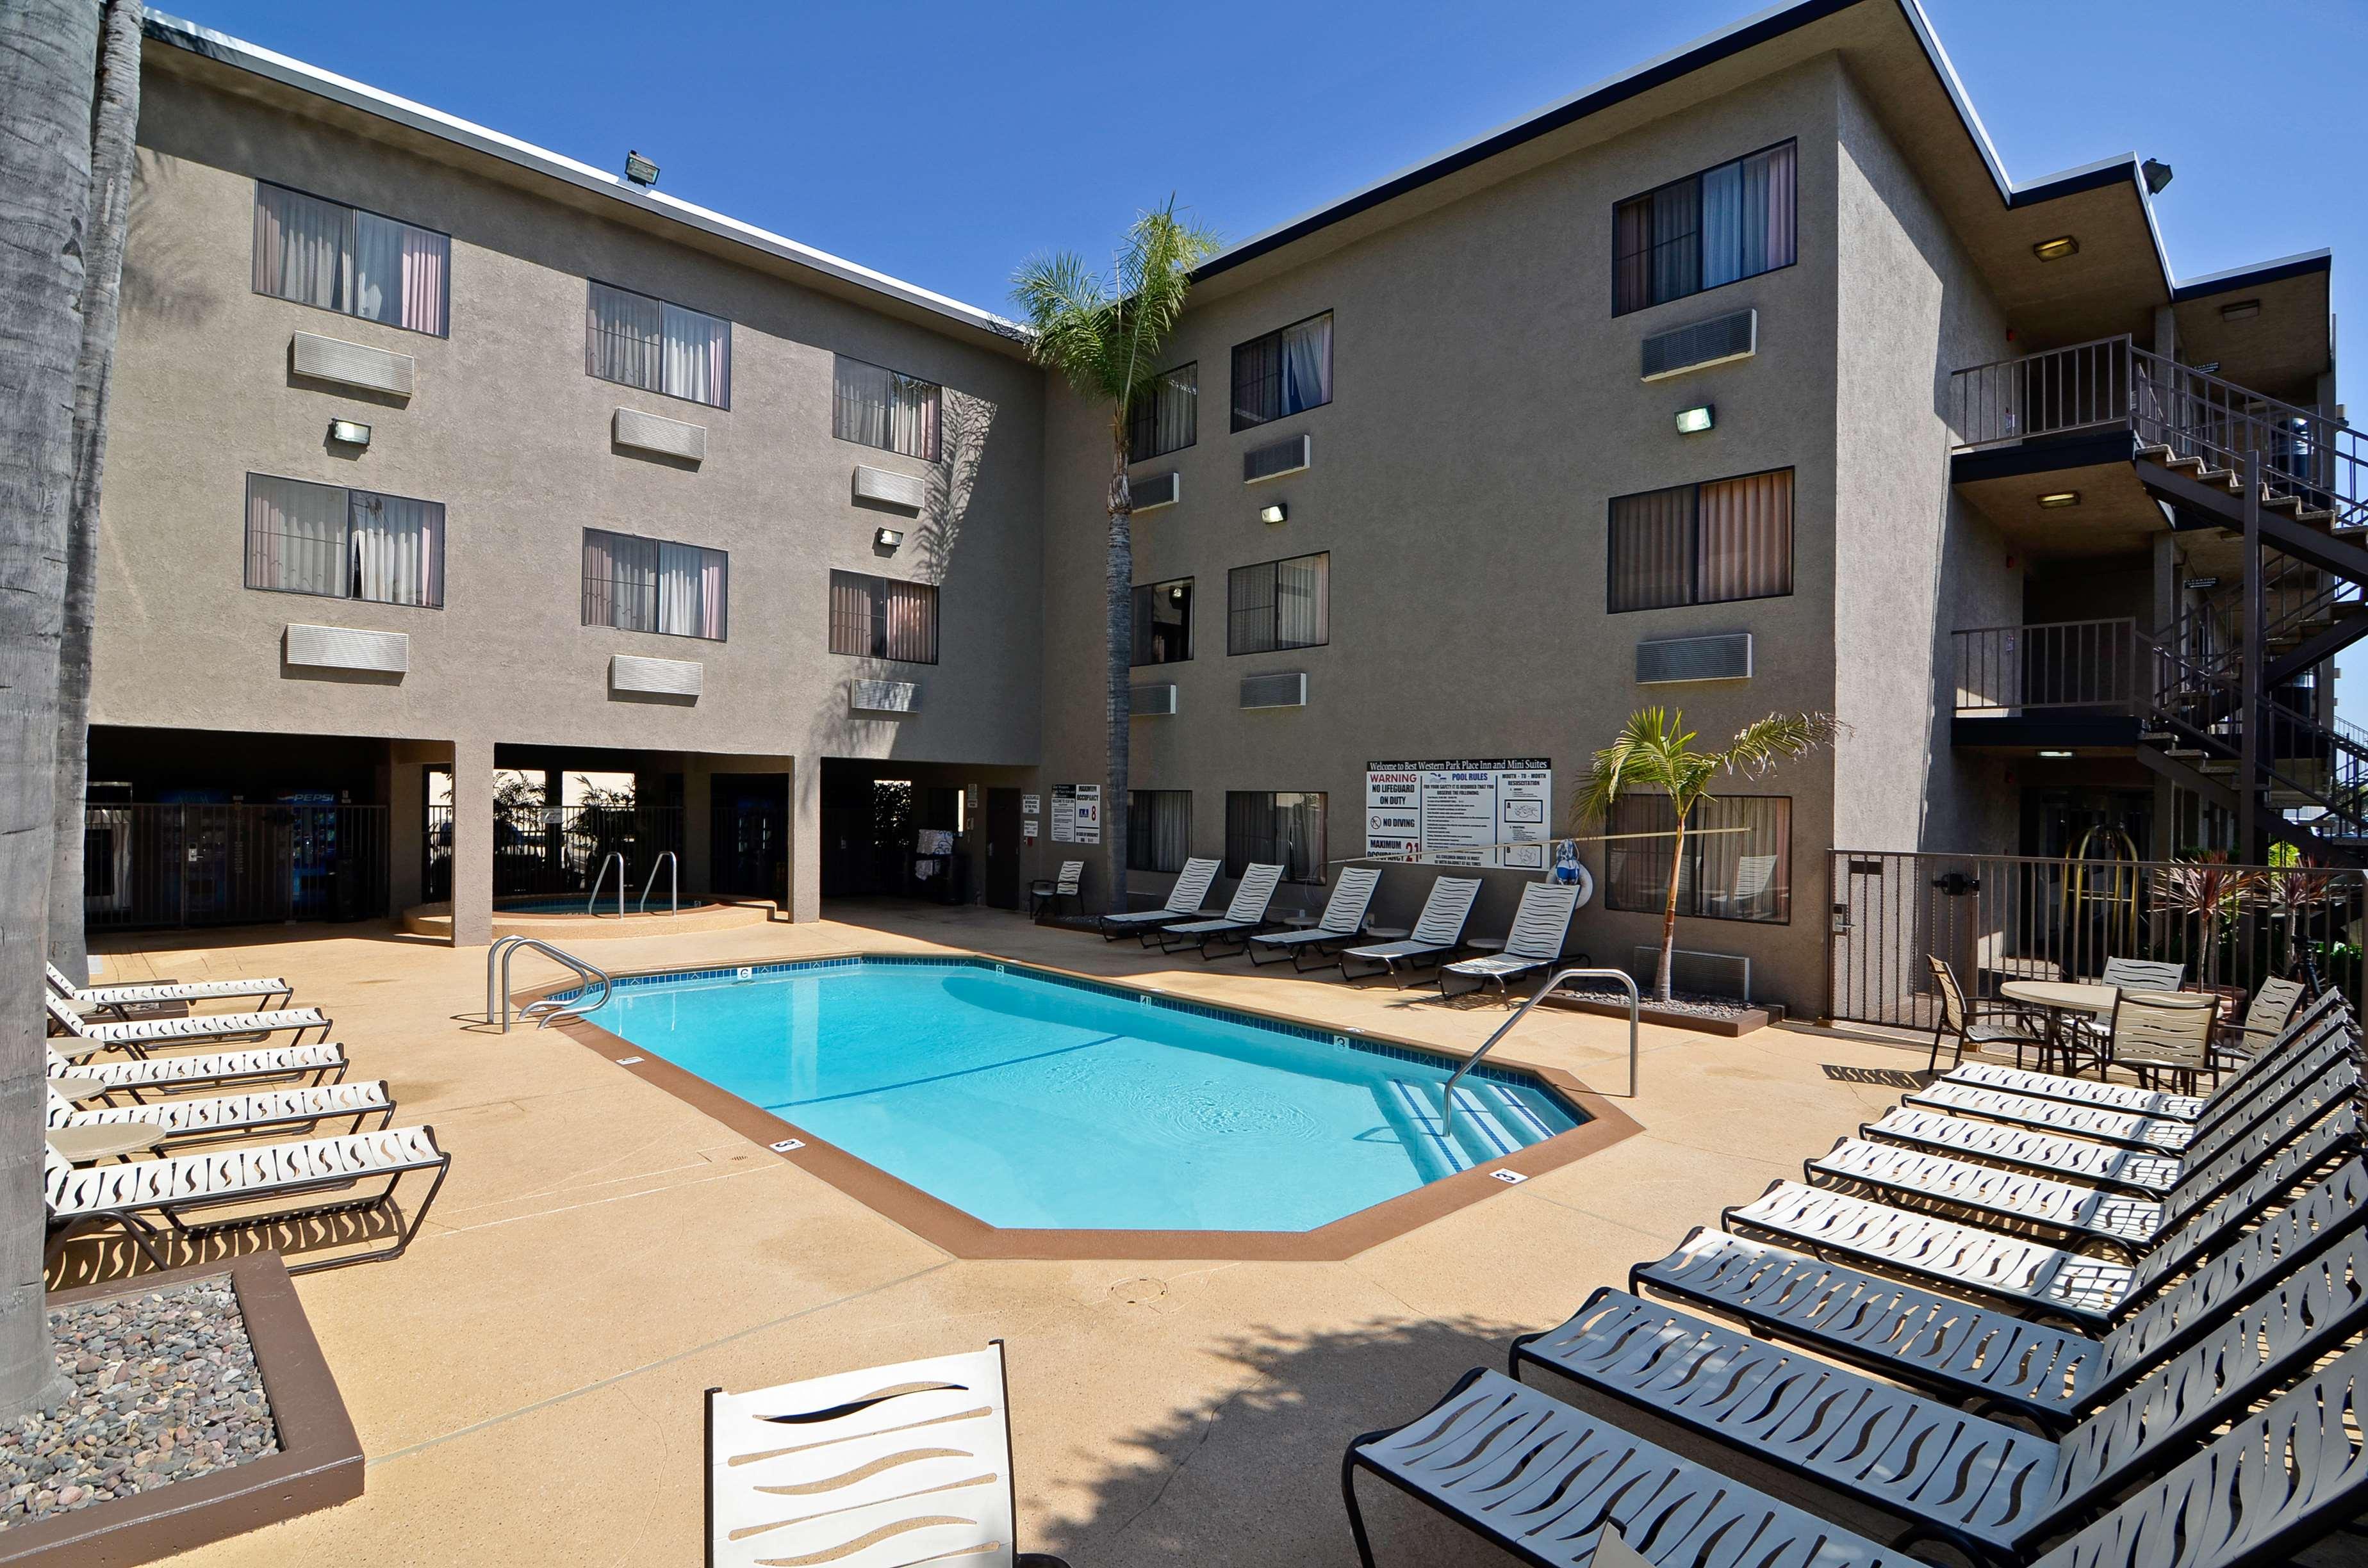 Best Western Plus Park Place Inn - Mini Suites image 9